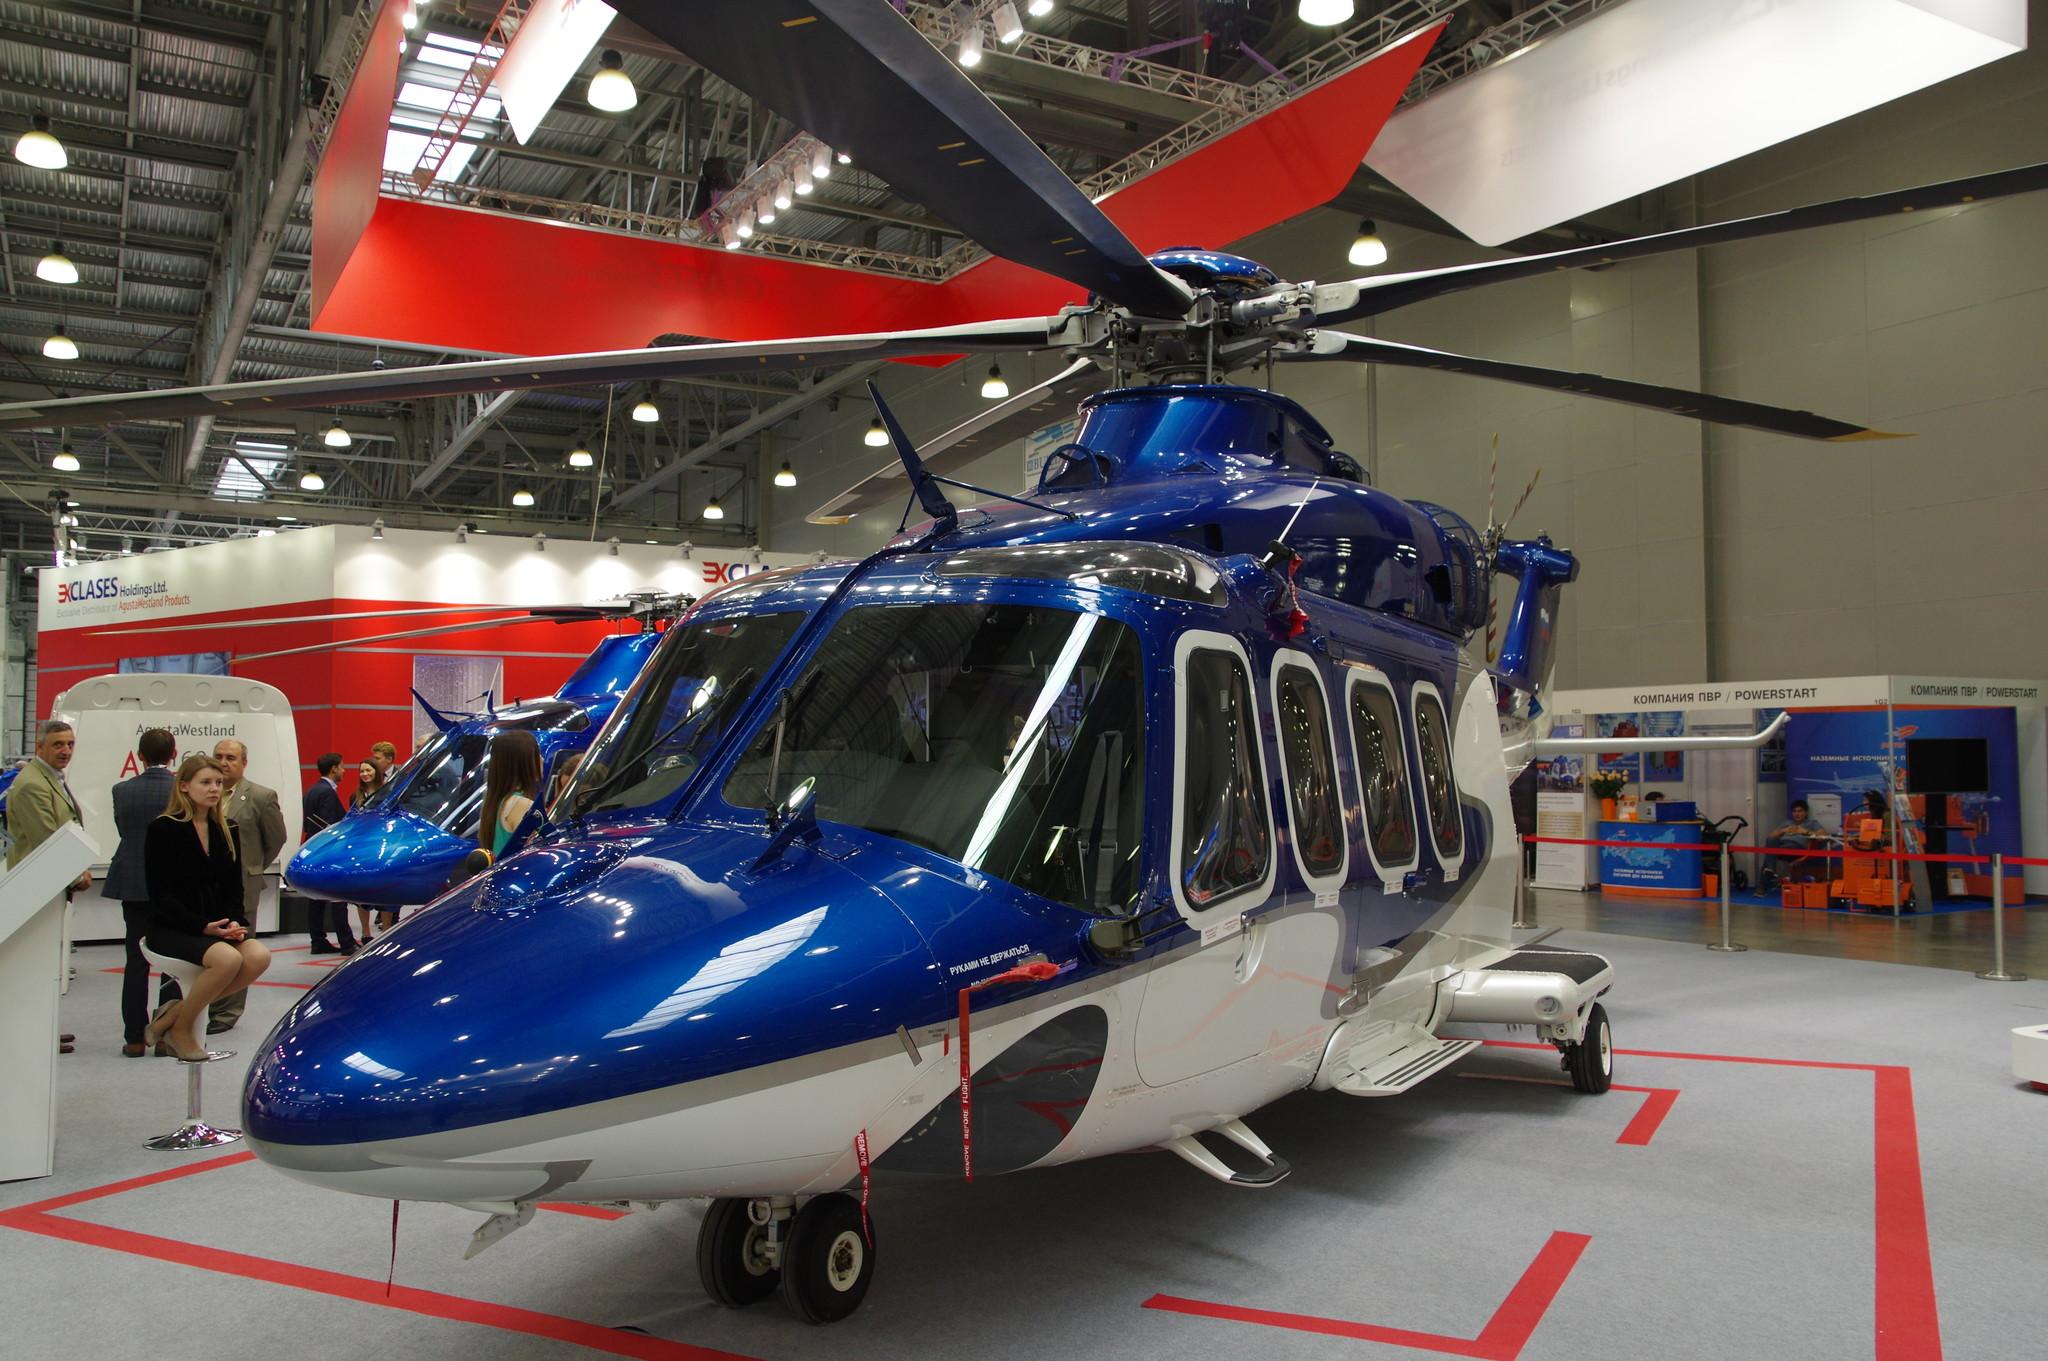 Многоцелевой вертолёт AgustaWestland AW139